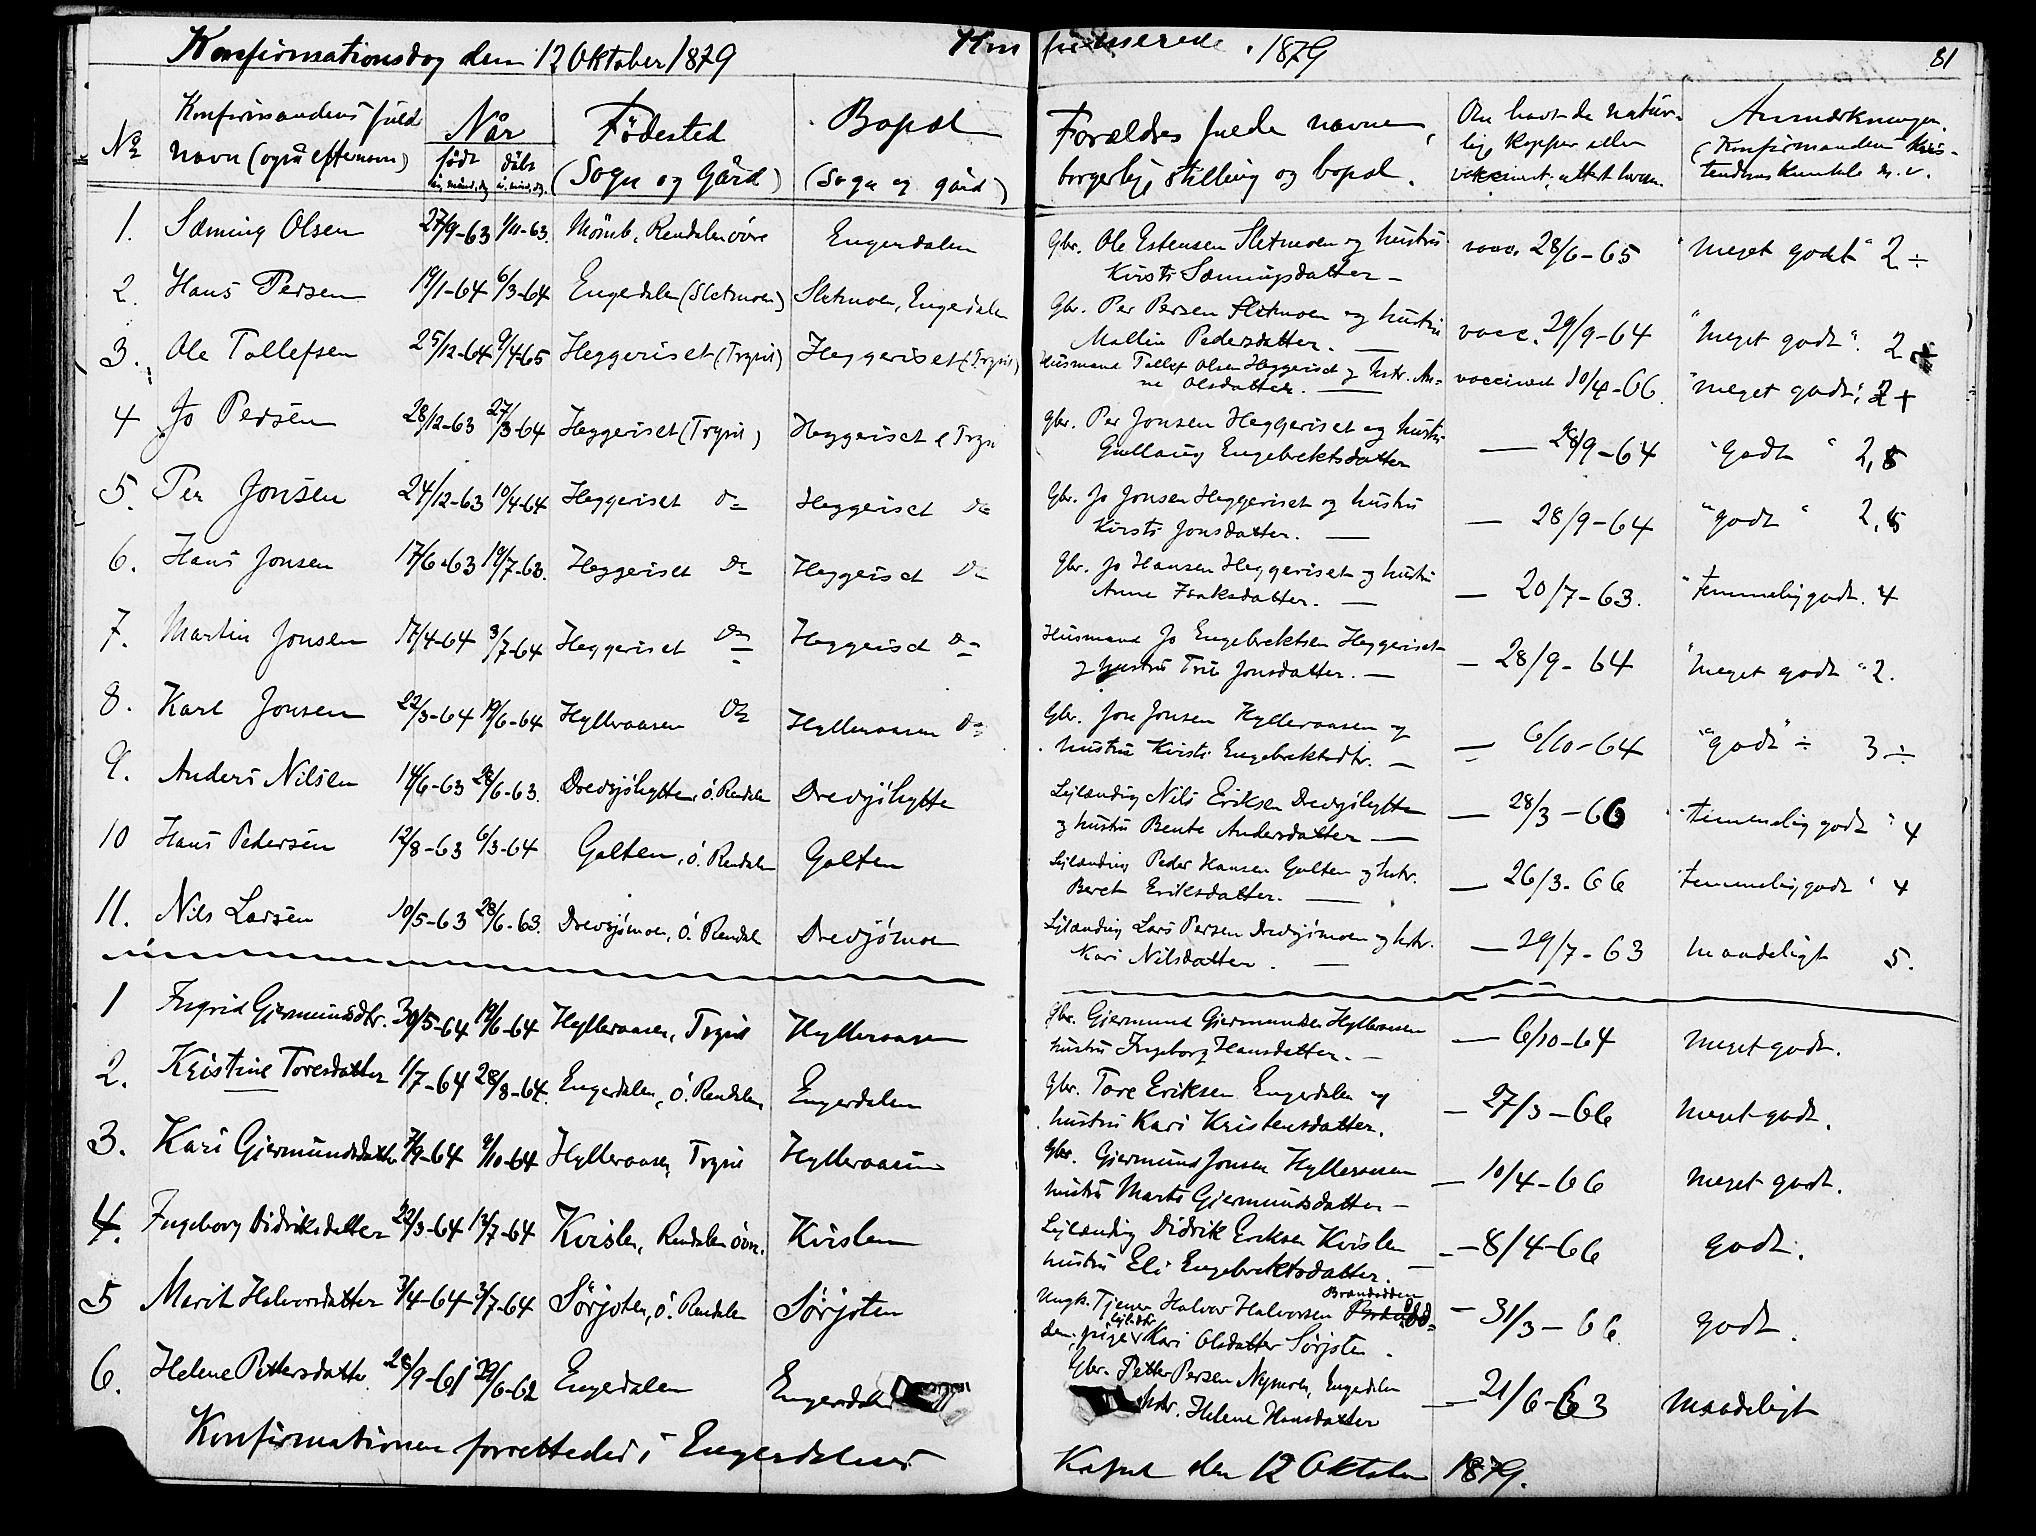 SAH, Rendalen prestekontor, H/Ha/Hab/L0002: Klokkerbok nr. 2, 1858-1880, s. 81